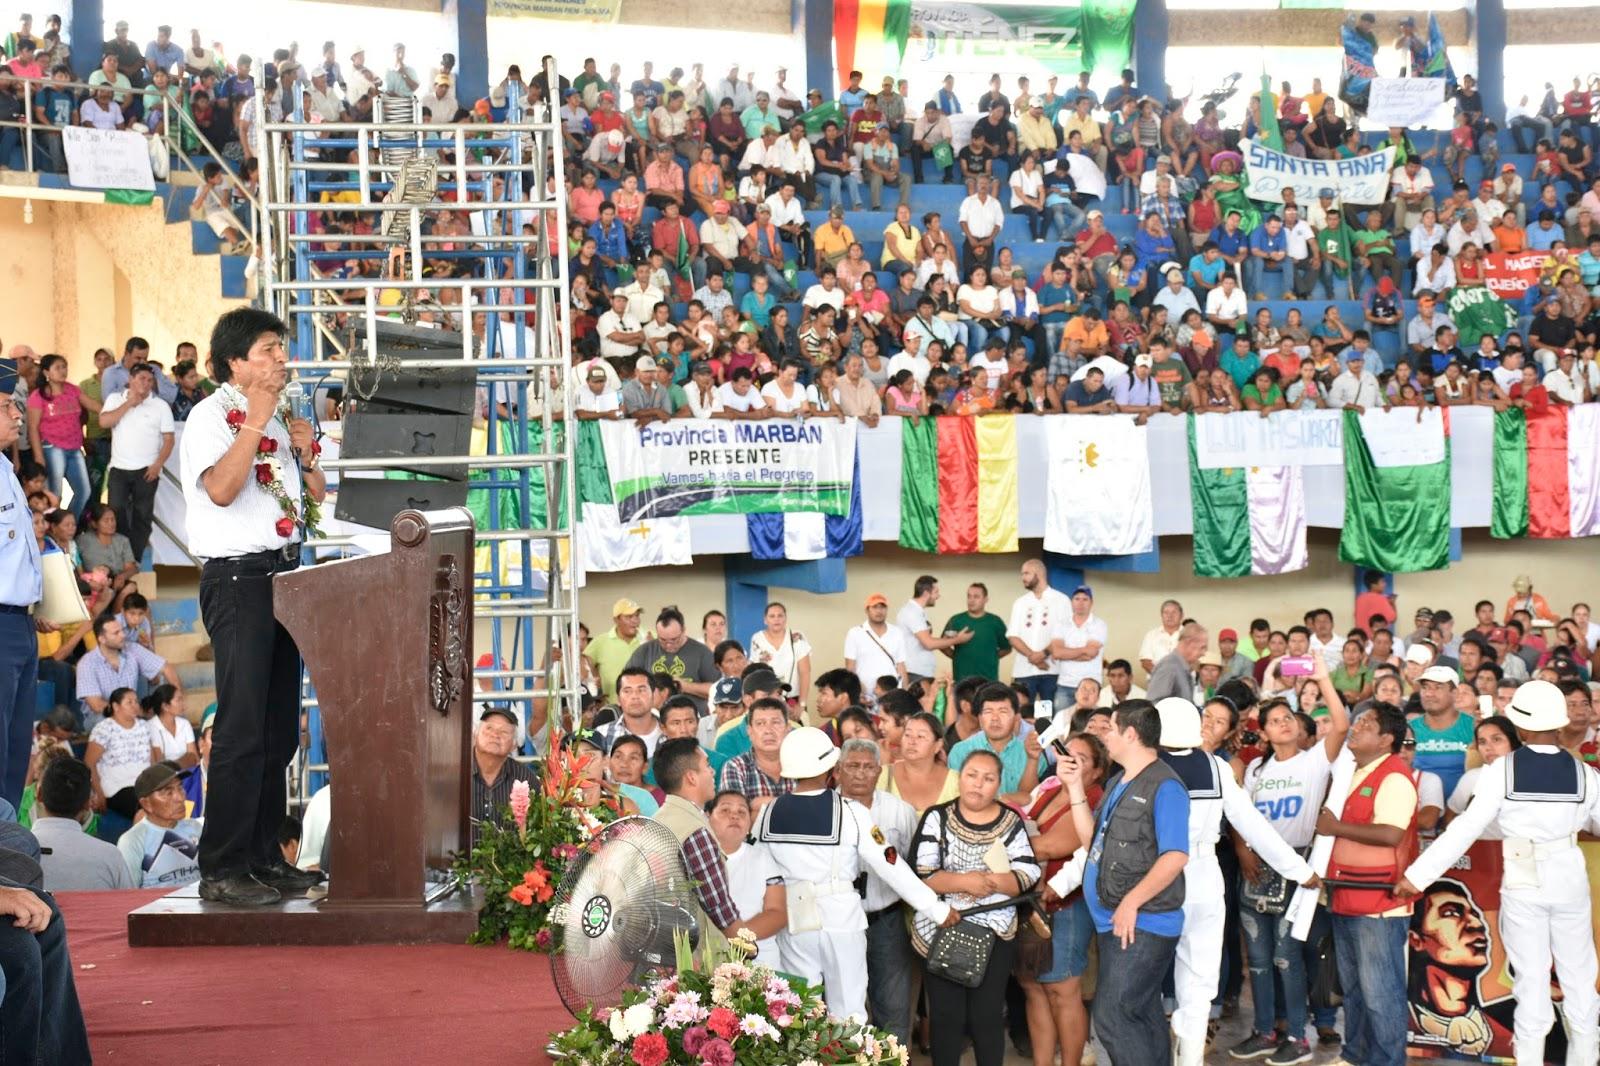 Morales firmó una ley en 2011 y la abrogó este domingo, ambas referidas al TIPNIS